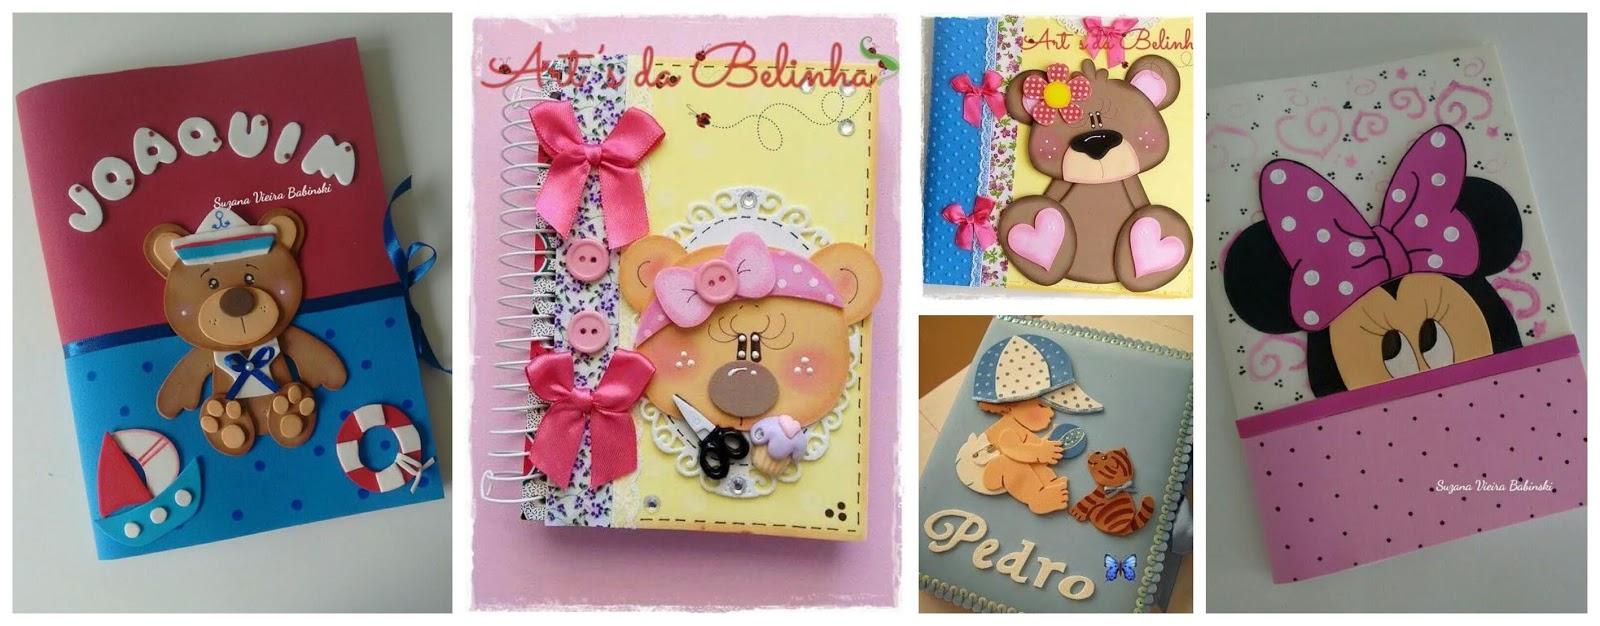 Aprende Cómo Decorar Tus Cuadernos Y Carpetas Con Foami